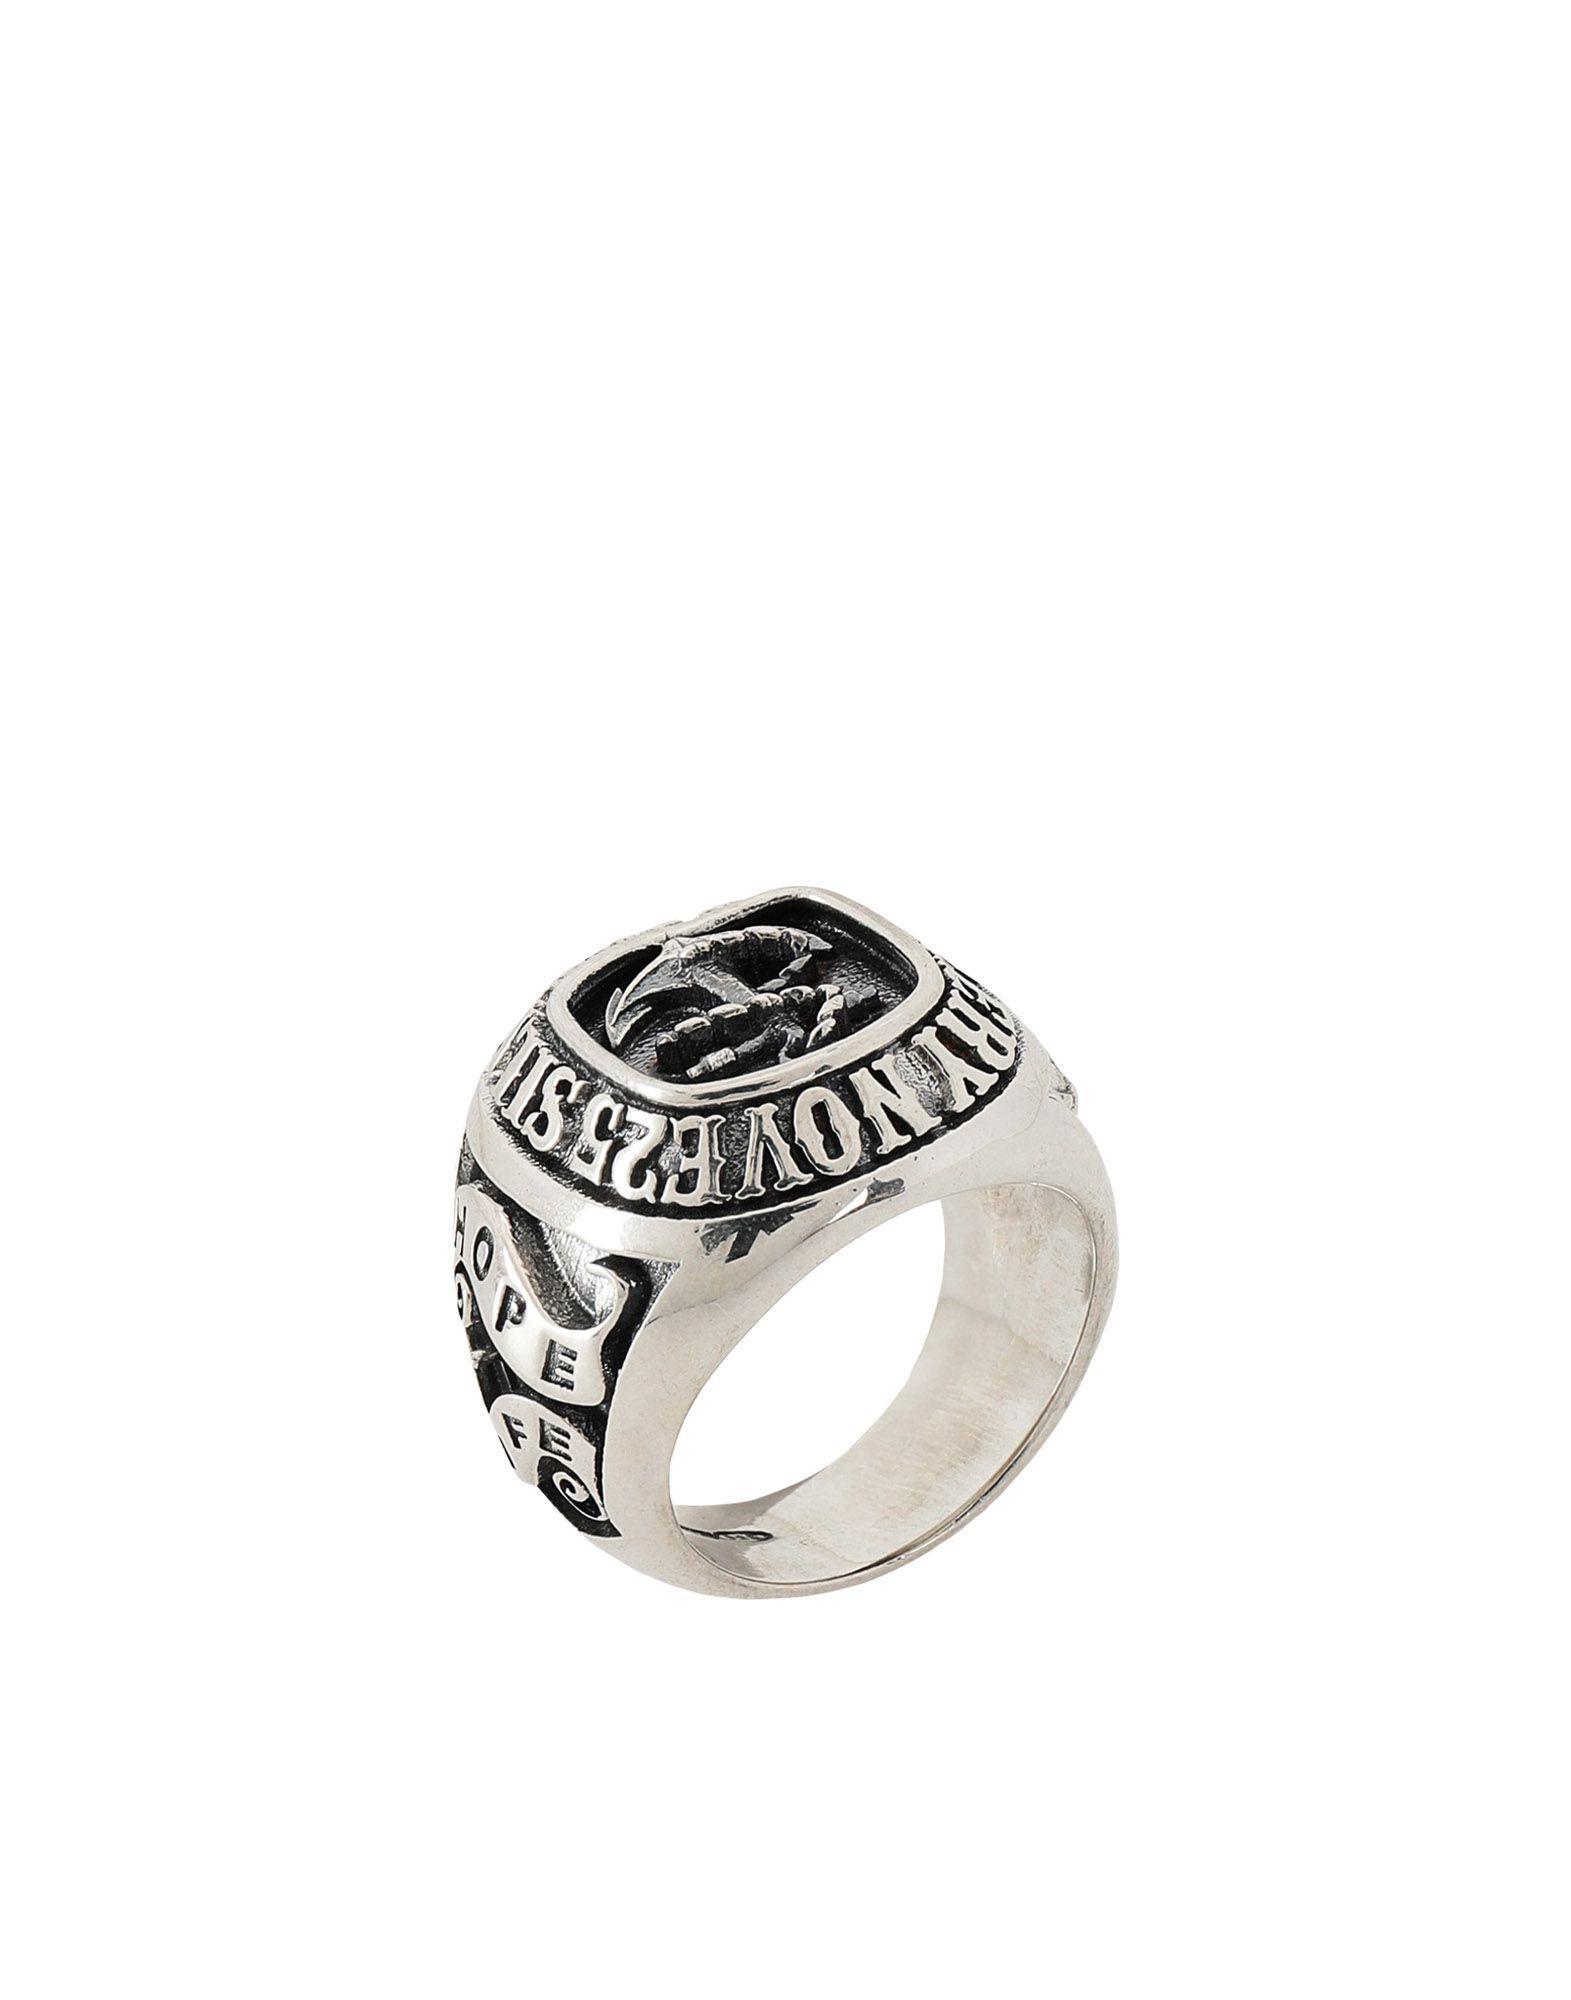 《期間限定 セール開催中》NOVE25 メンズ 指輪 シルバー 13 シルバー925/1000 TRADITIONAL ANCHOR RING